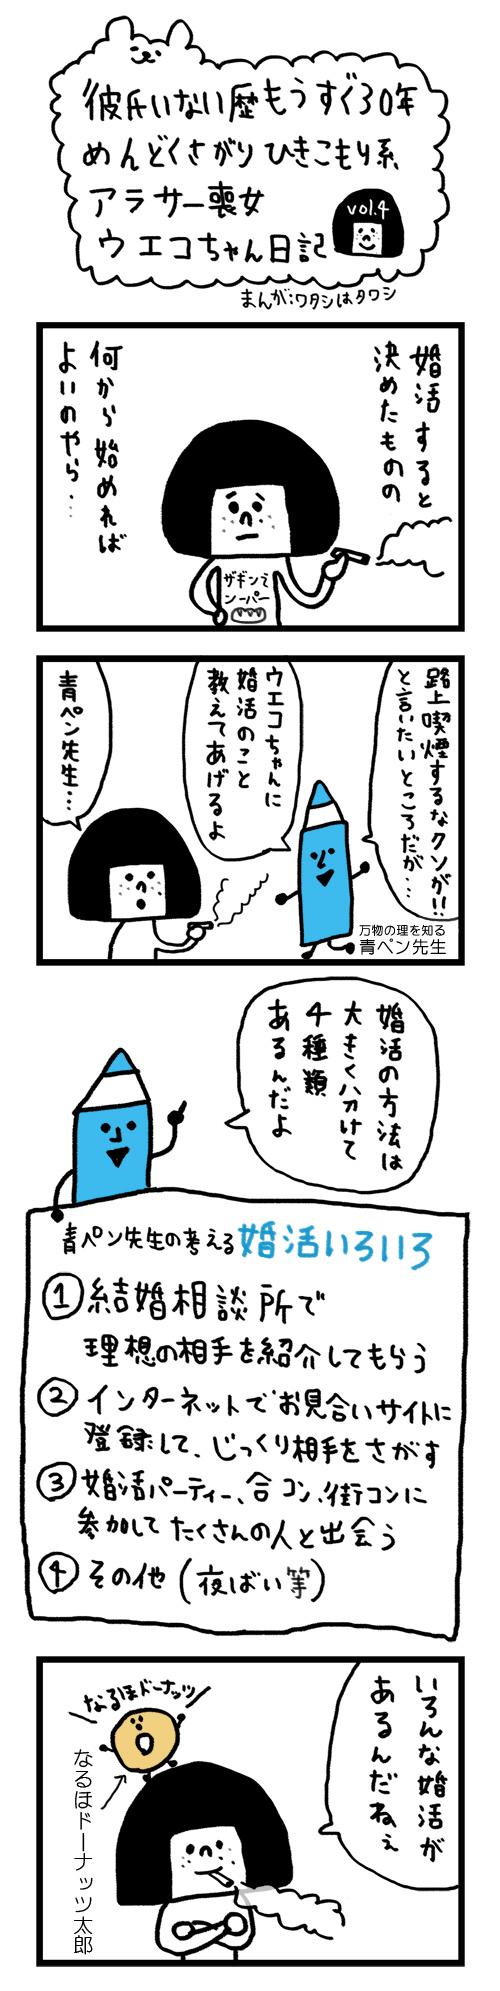 マンガ(1)